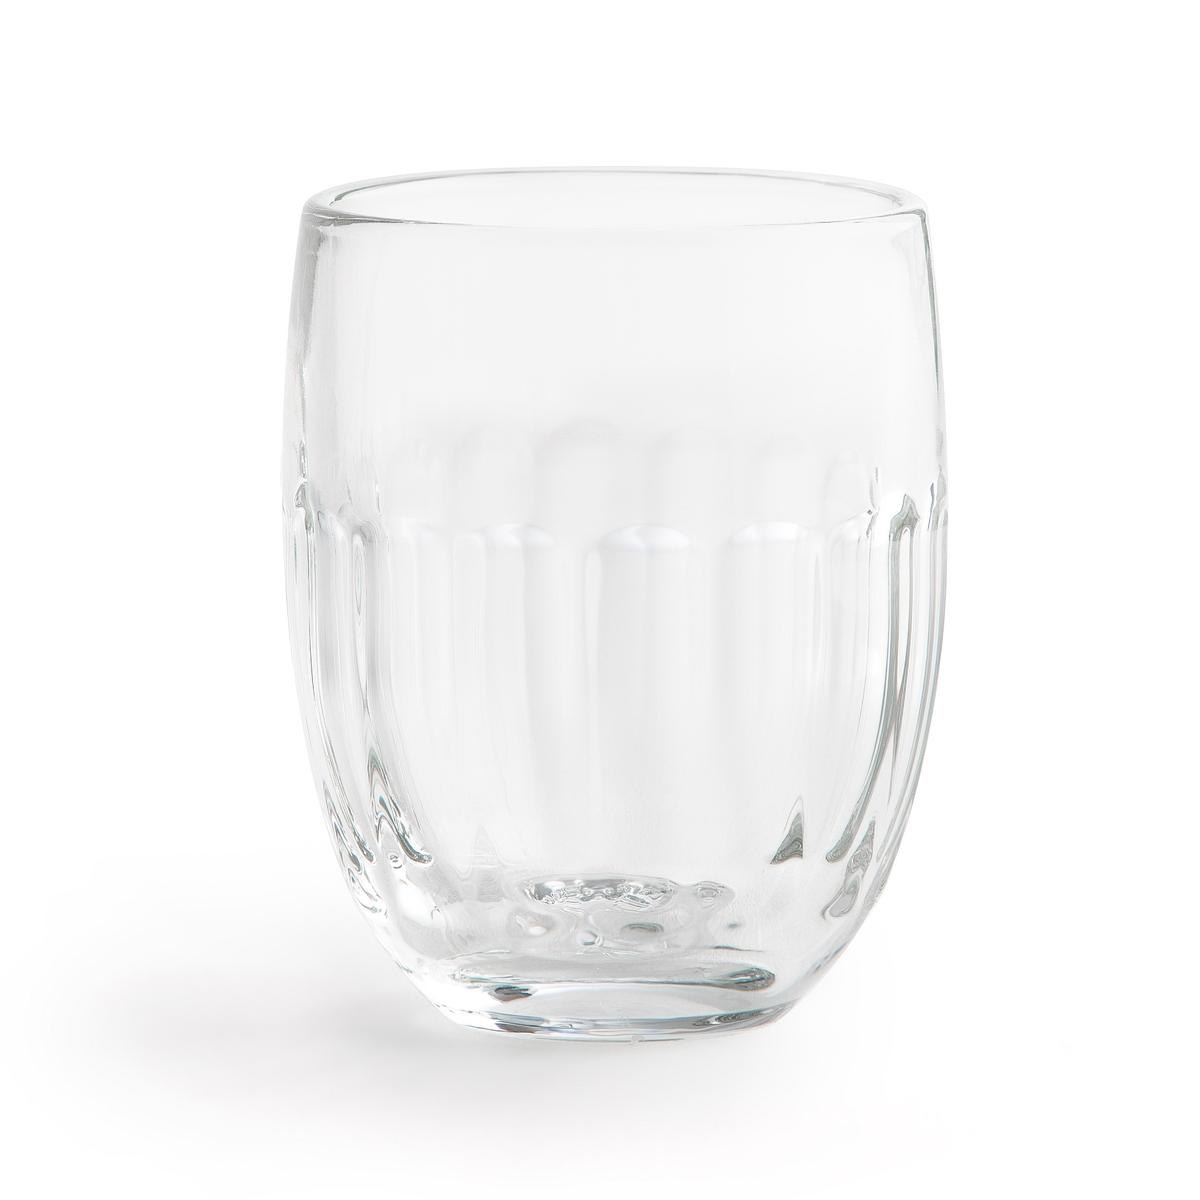 6 стаканов из стекла ALCHYSE6 стаканов Alchyse. Из прозрачного стекла . Подходят для использования в посудомоечной машине. Размеры : ?7 x H9,2 см . Емкость 30 cl.<br><br>Цвет: прозрачный